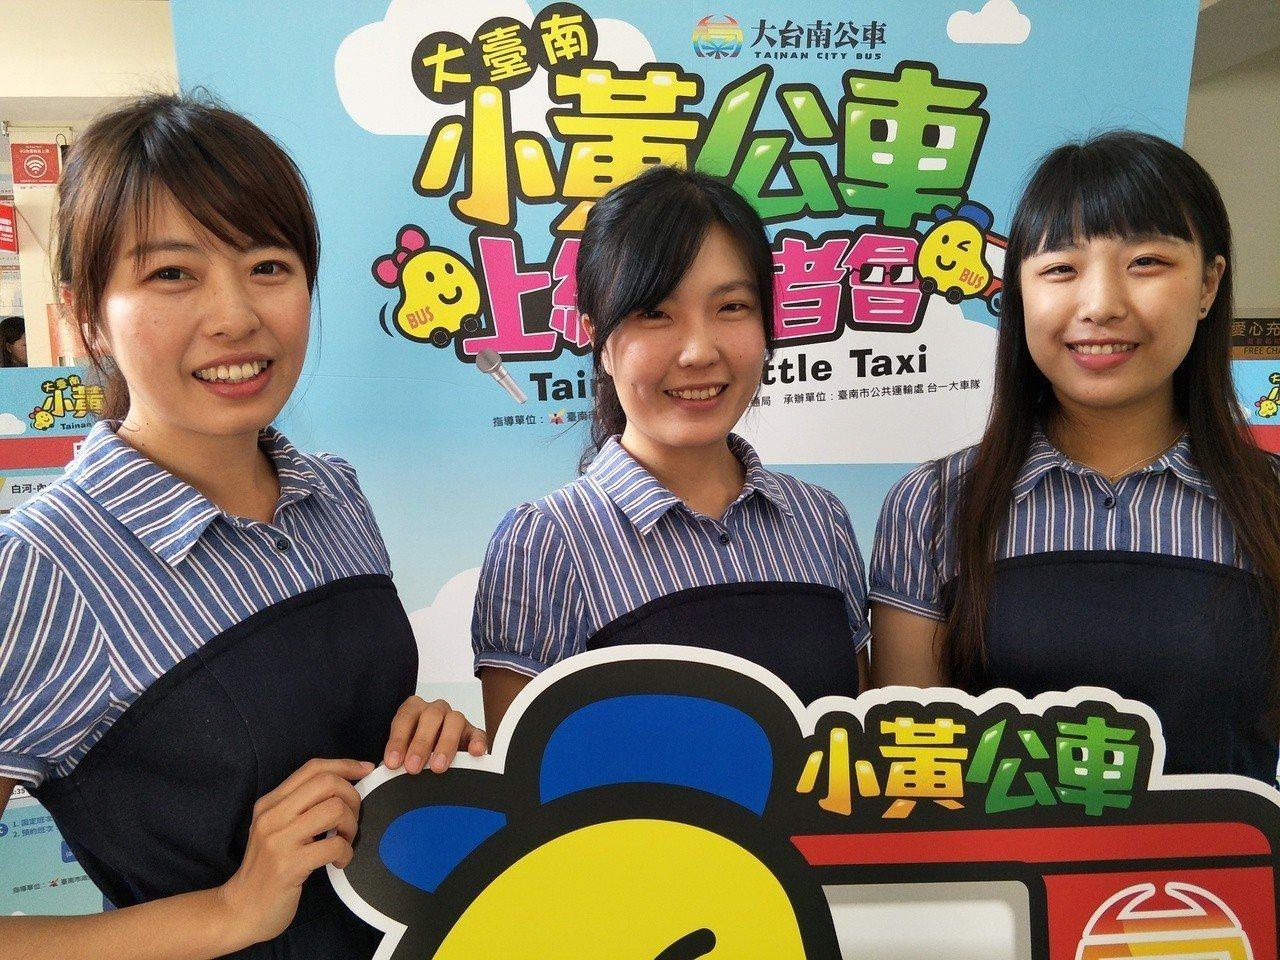 張逸涵(左一起)、張嫚容、張尹亭3姊妹北漂返鄉,協助自家計程車行轉型,目前加入車...